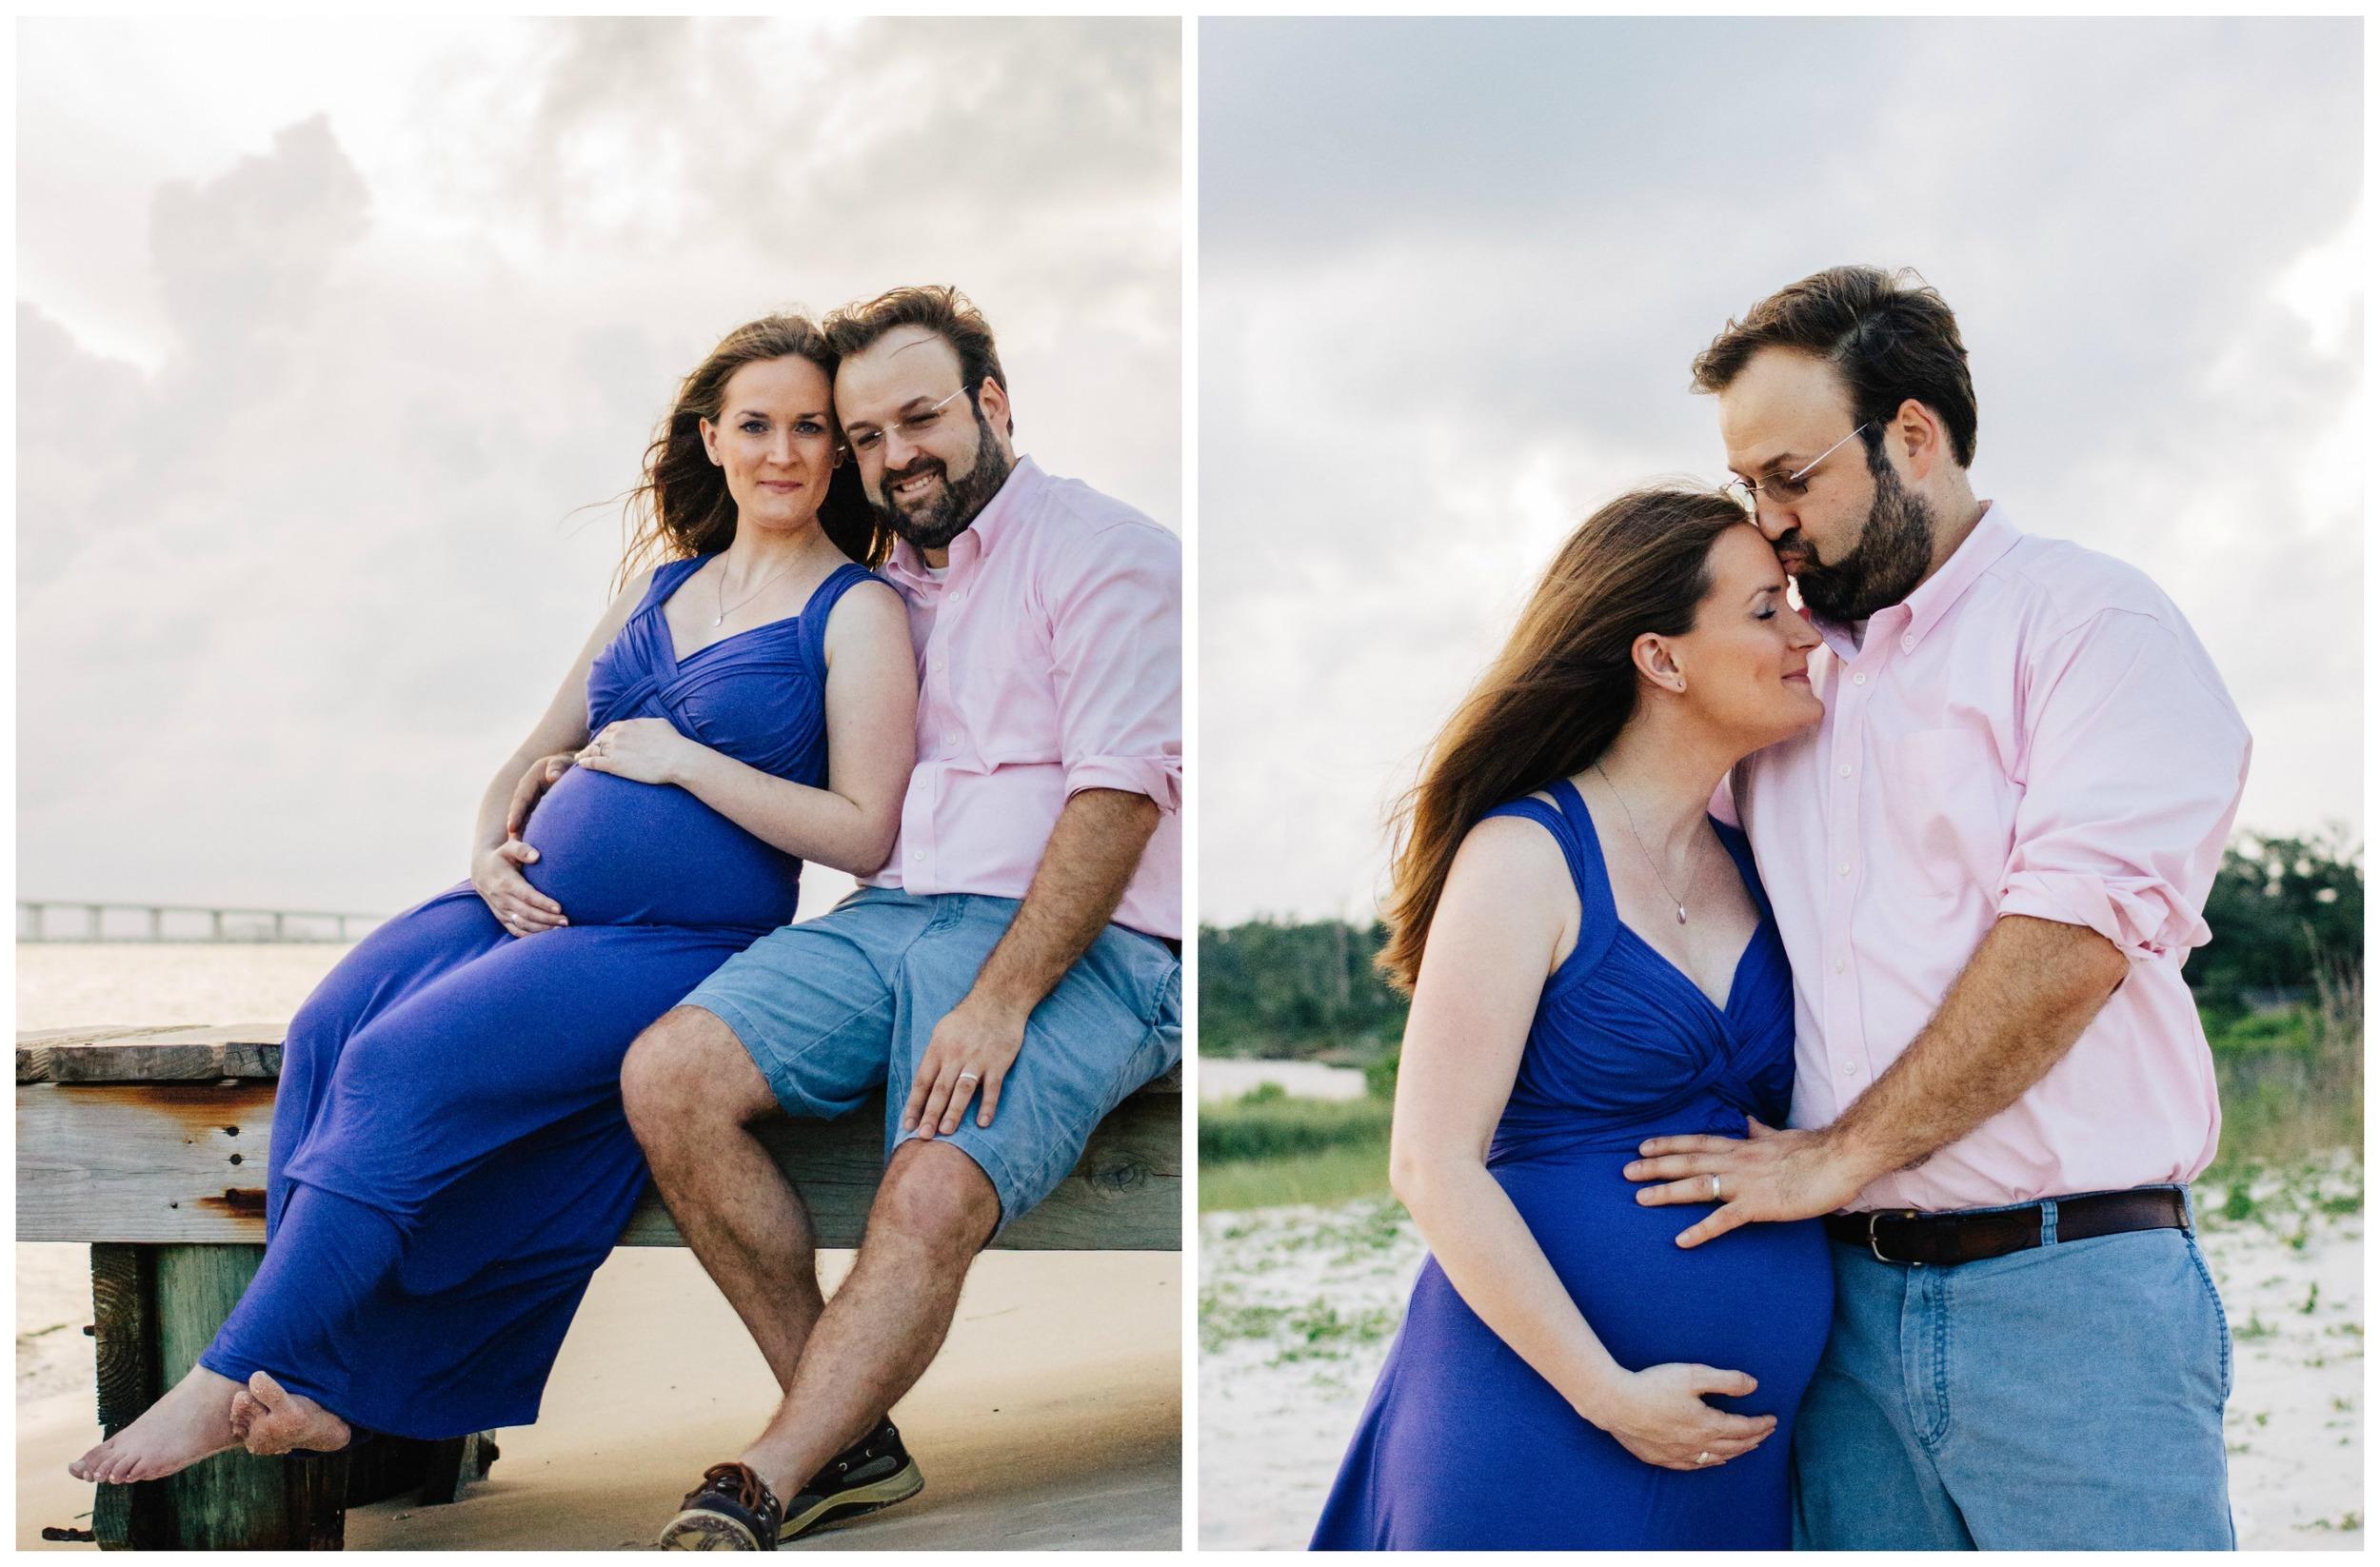 couple maternity photos on beach